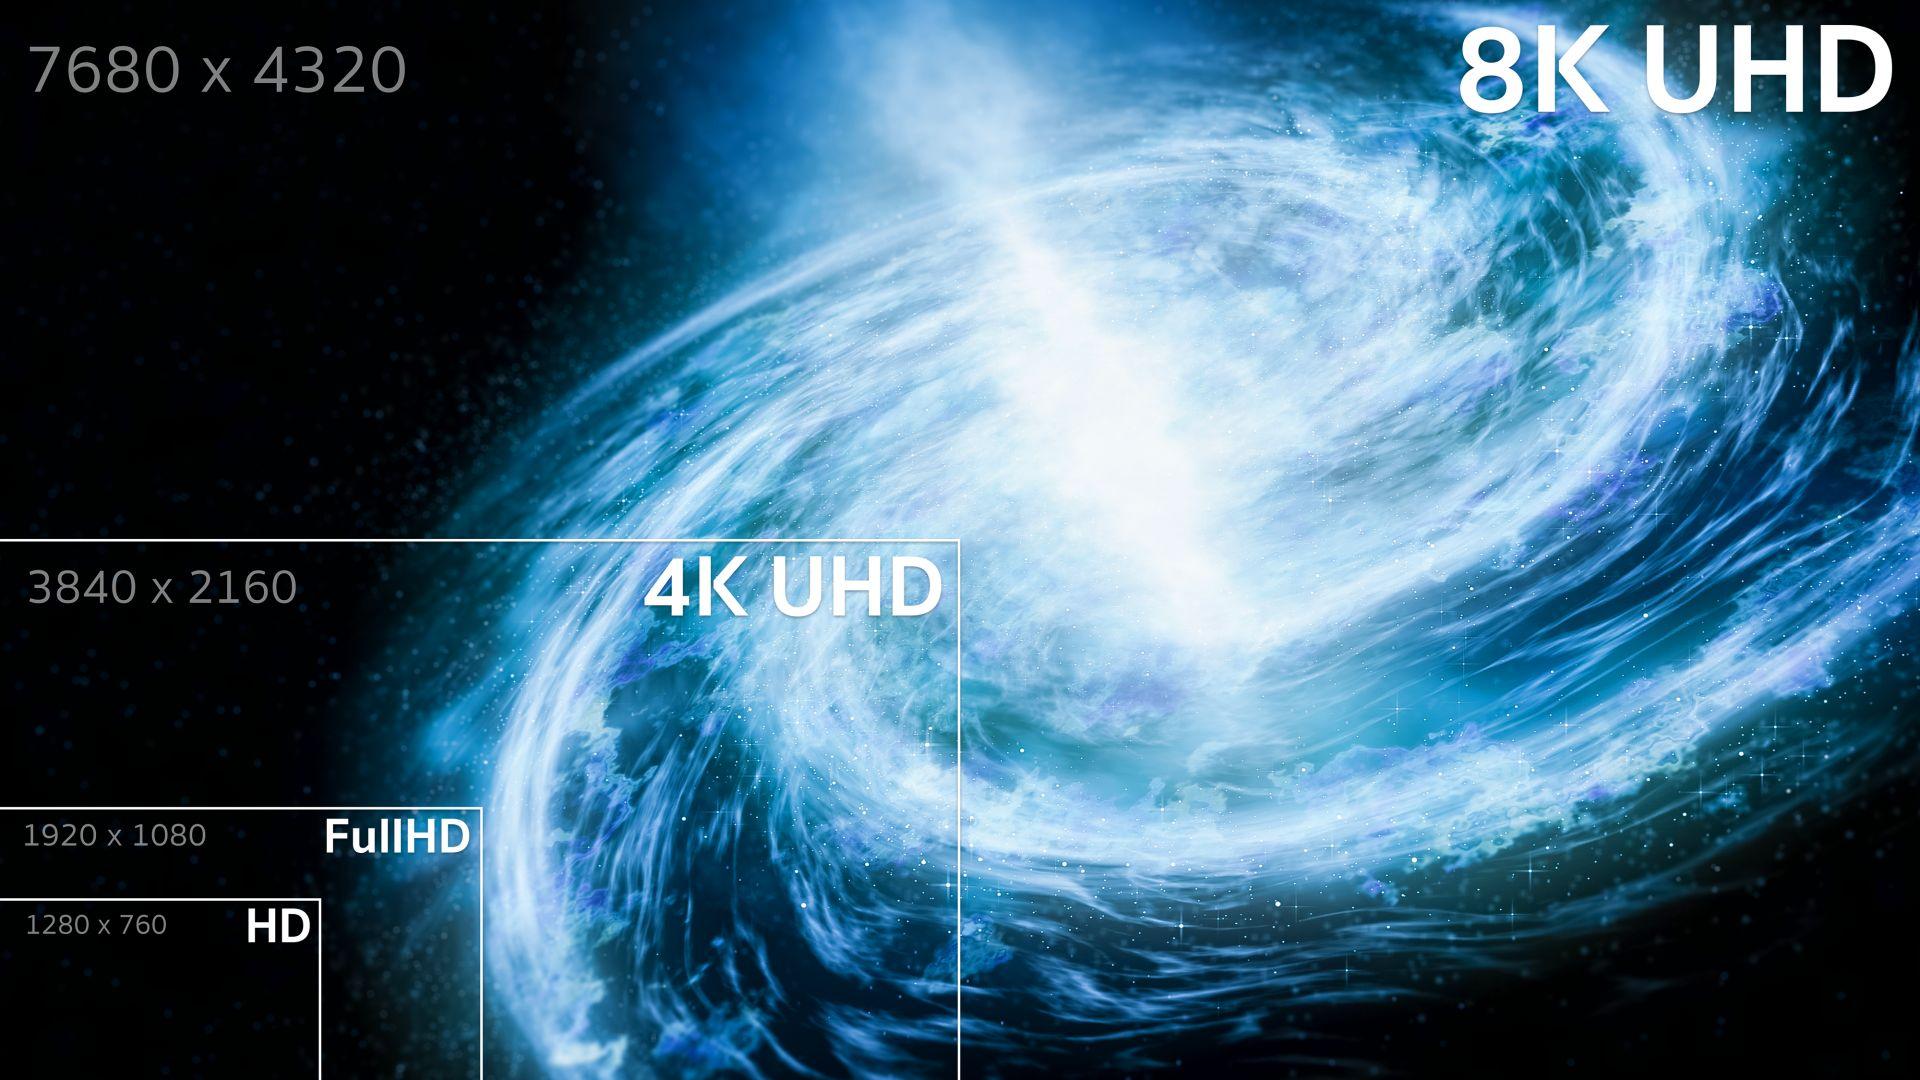 8К резолюцията, сравнена с 4К, Full HD и HD